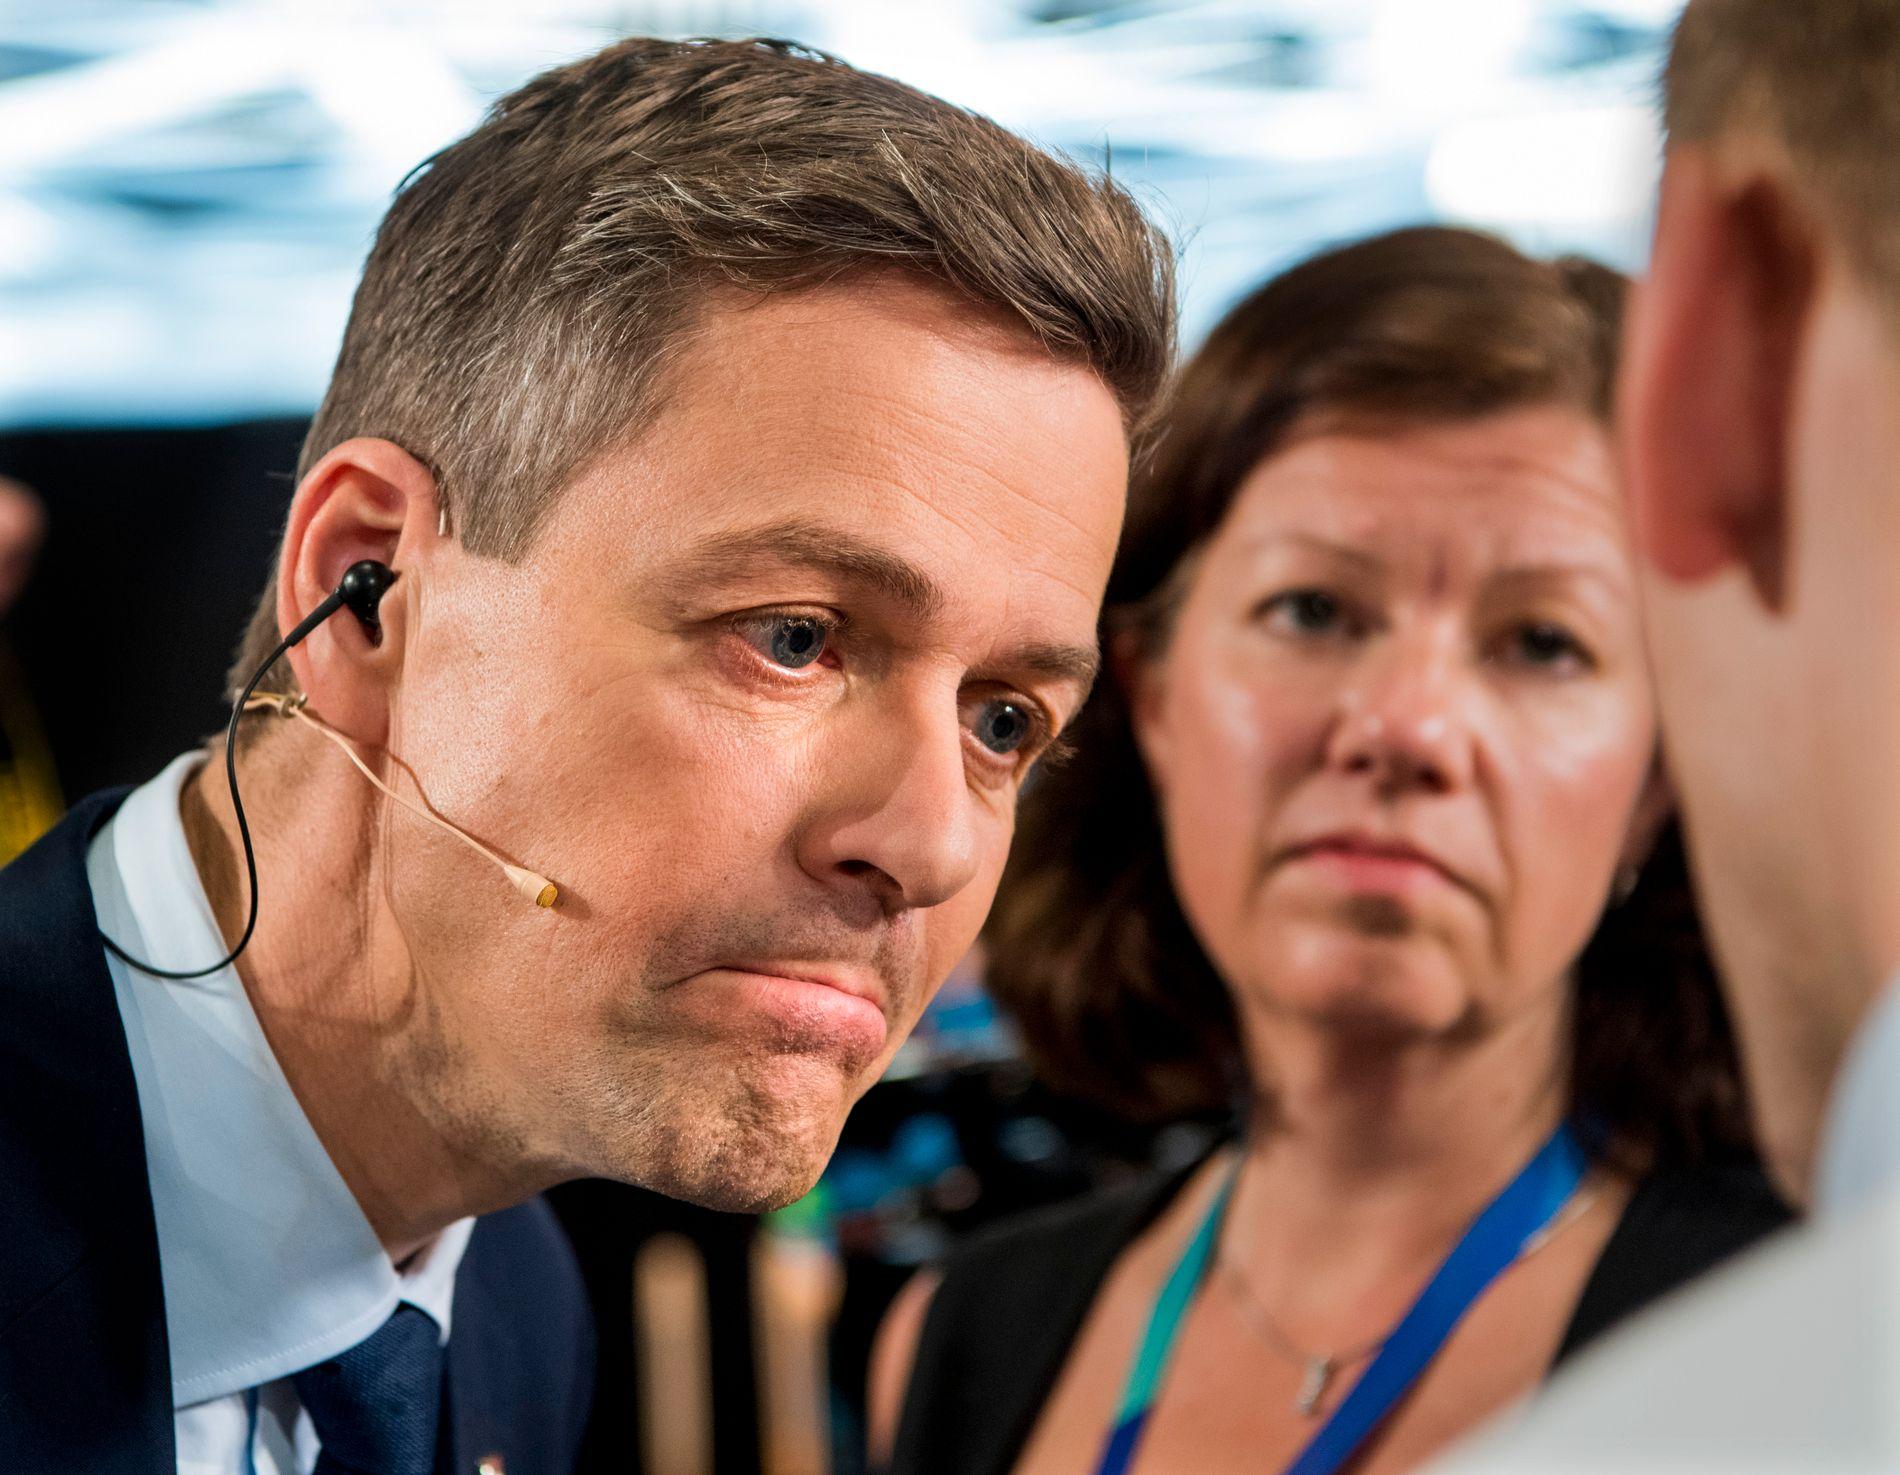 bb7d067d VERNER IKKE ERNA I FIRE ÅR: Knut Arild Hareide, her etter den siste  partilederdebatten Partilederdebatt på Media City på NRK i Bergen.